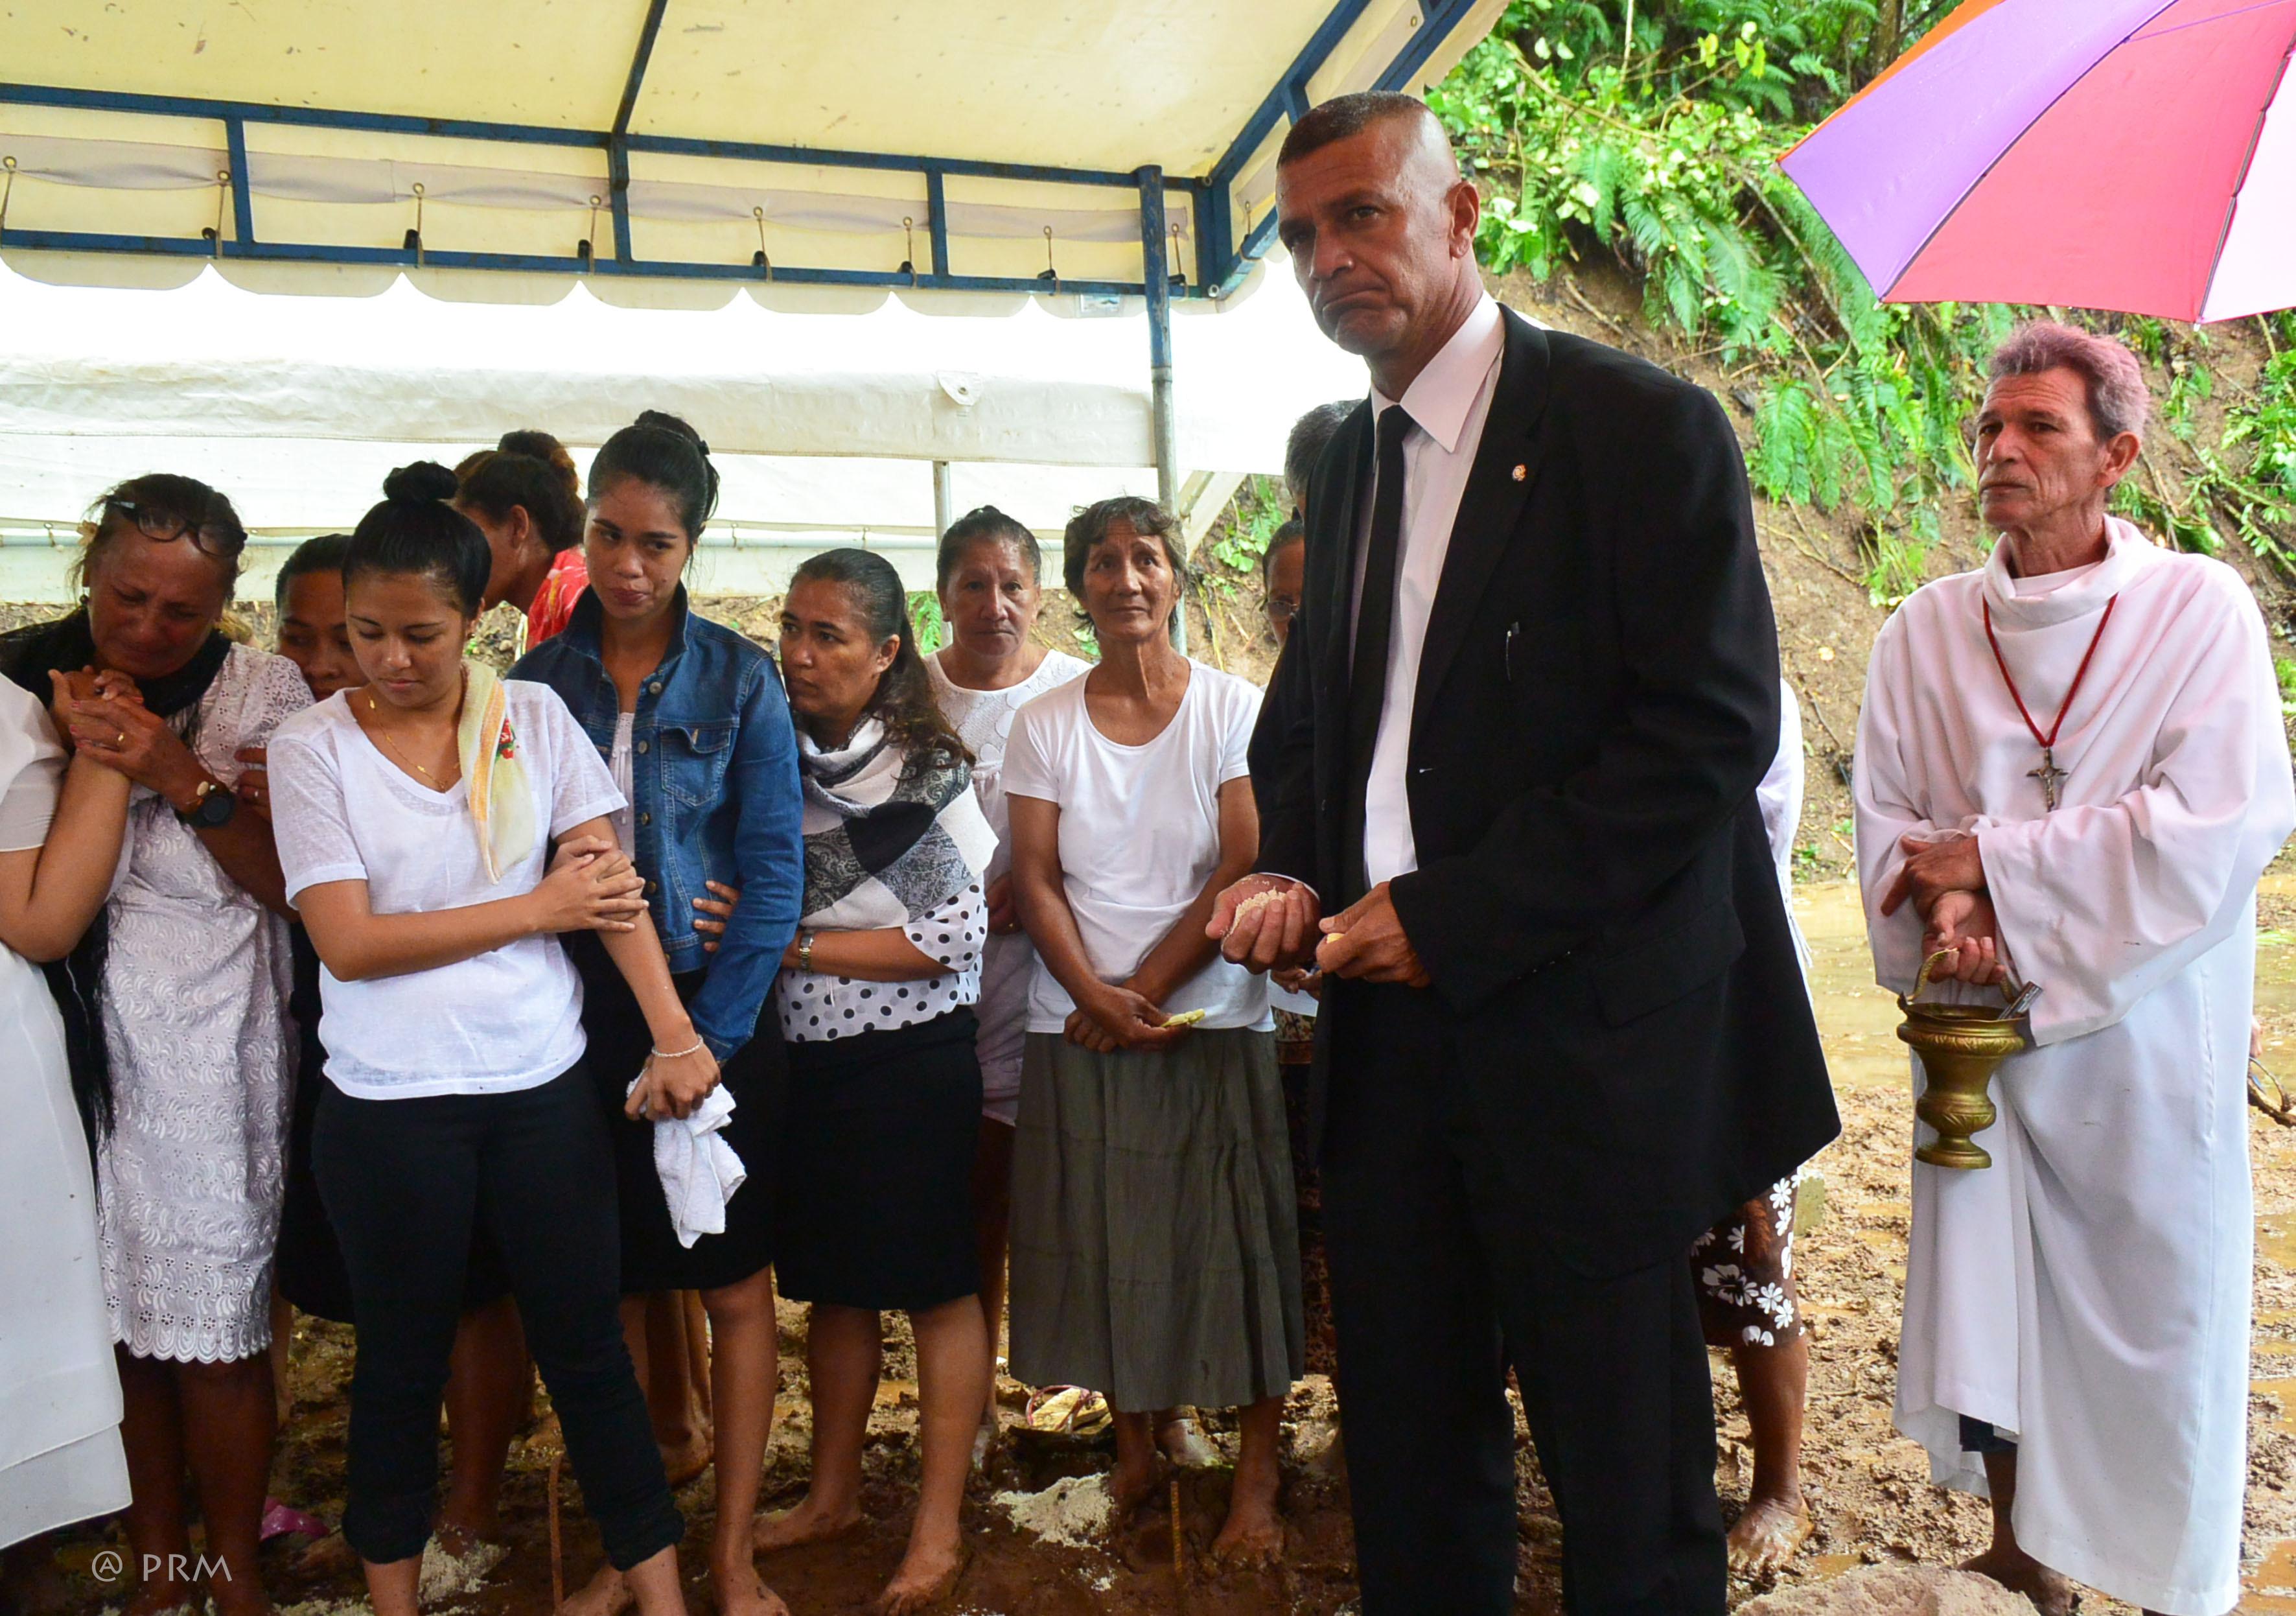 Woullingson Raufauore, le maire de Maupiti, présent lors des obsèques à Raiatea, mardi.